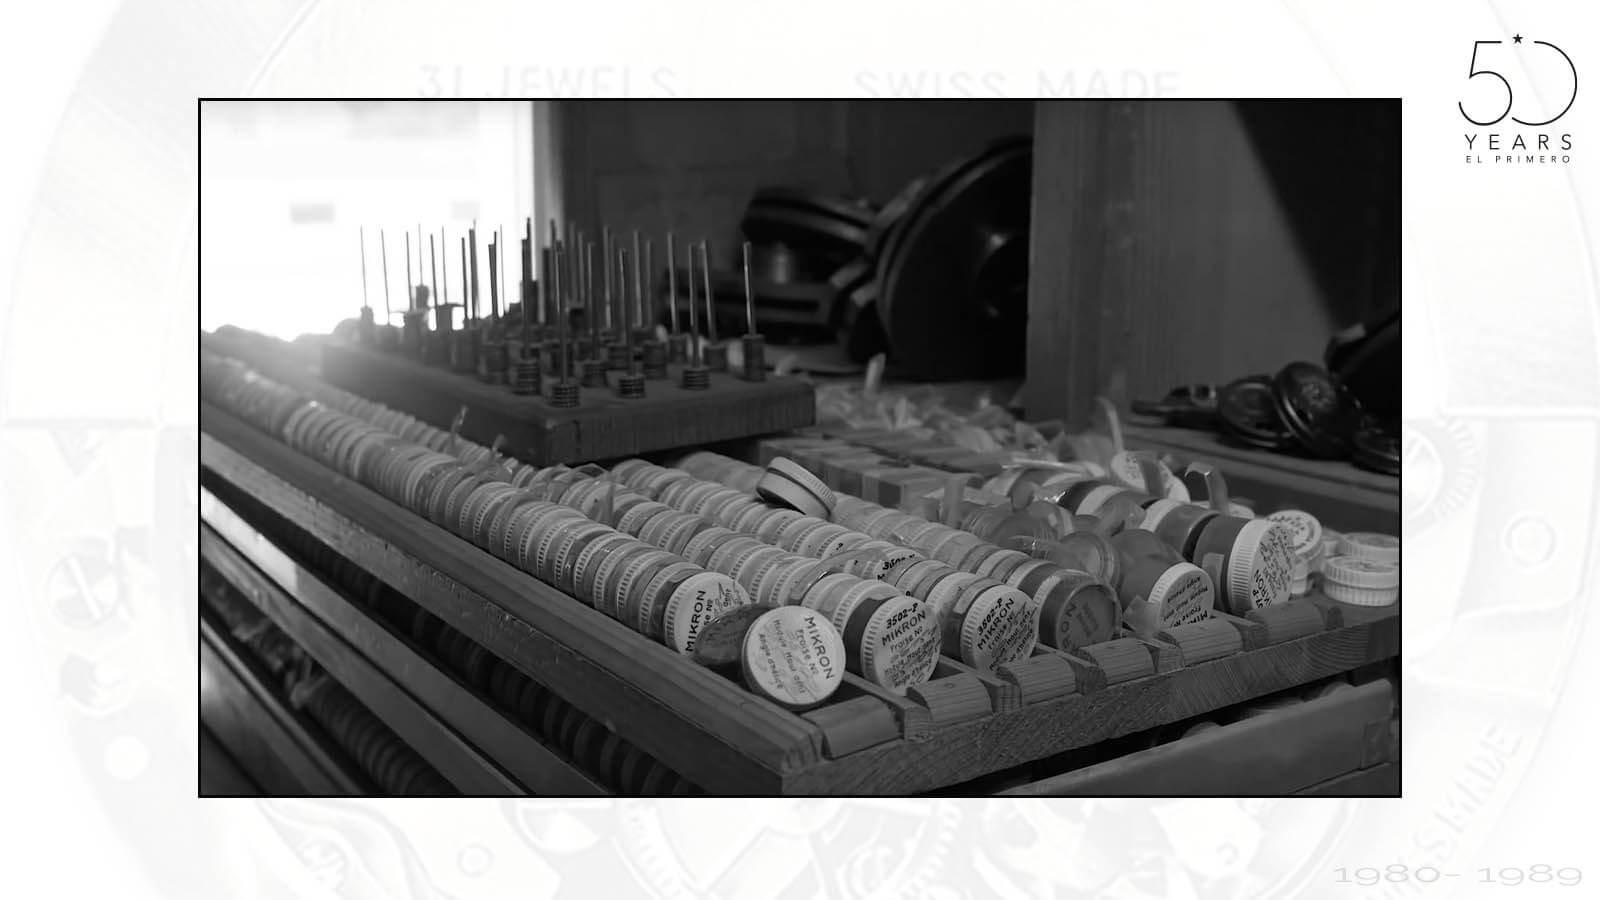 Ersatzteile und Werkzeuge zur Herstellung des El Primero von ZENITH